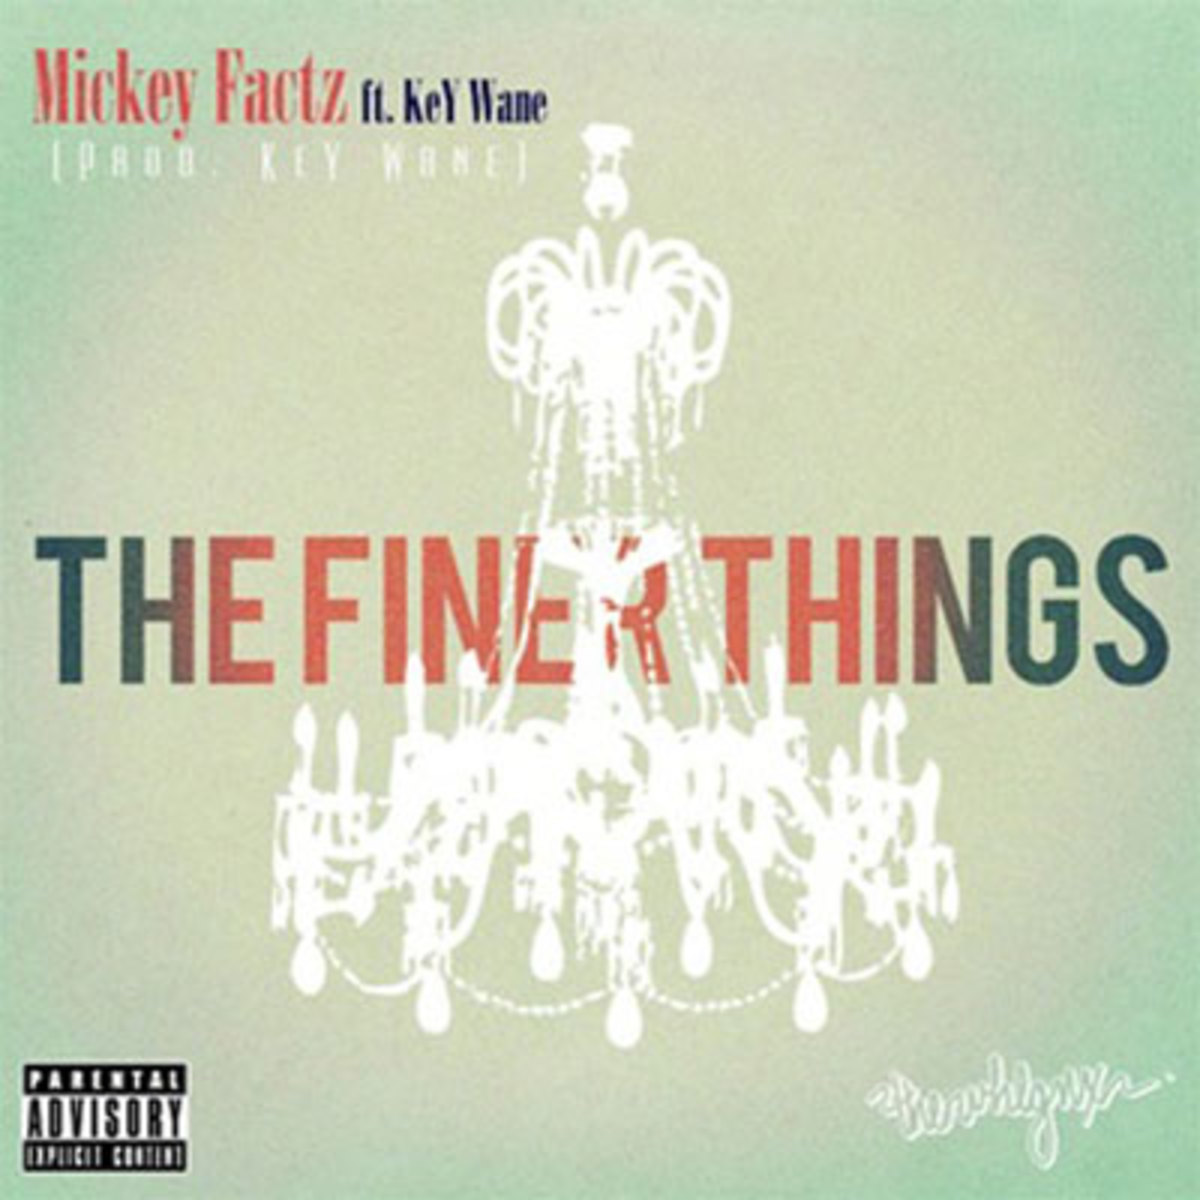 mickeyfactz-finerthings.jpg